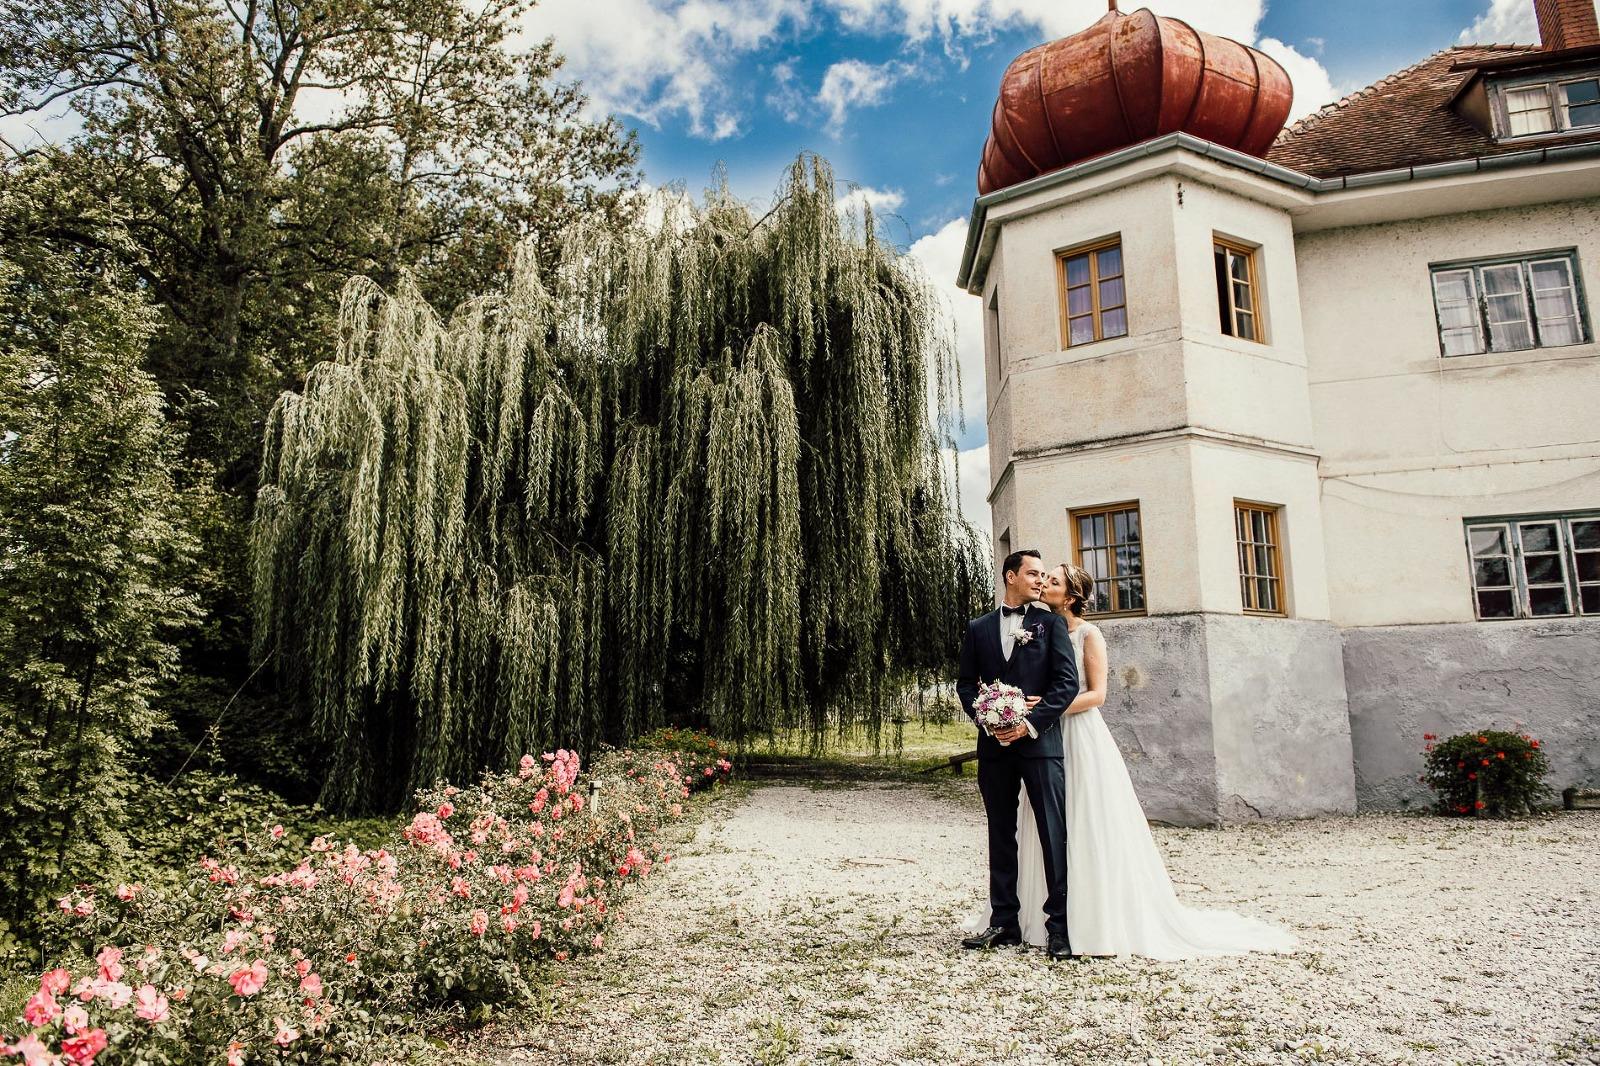 Hochzeit Fotografie München, Brautpaarfoto shooting im Schloss